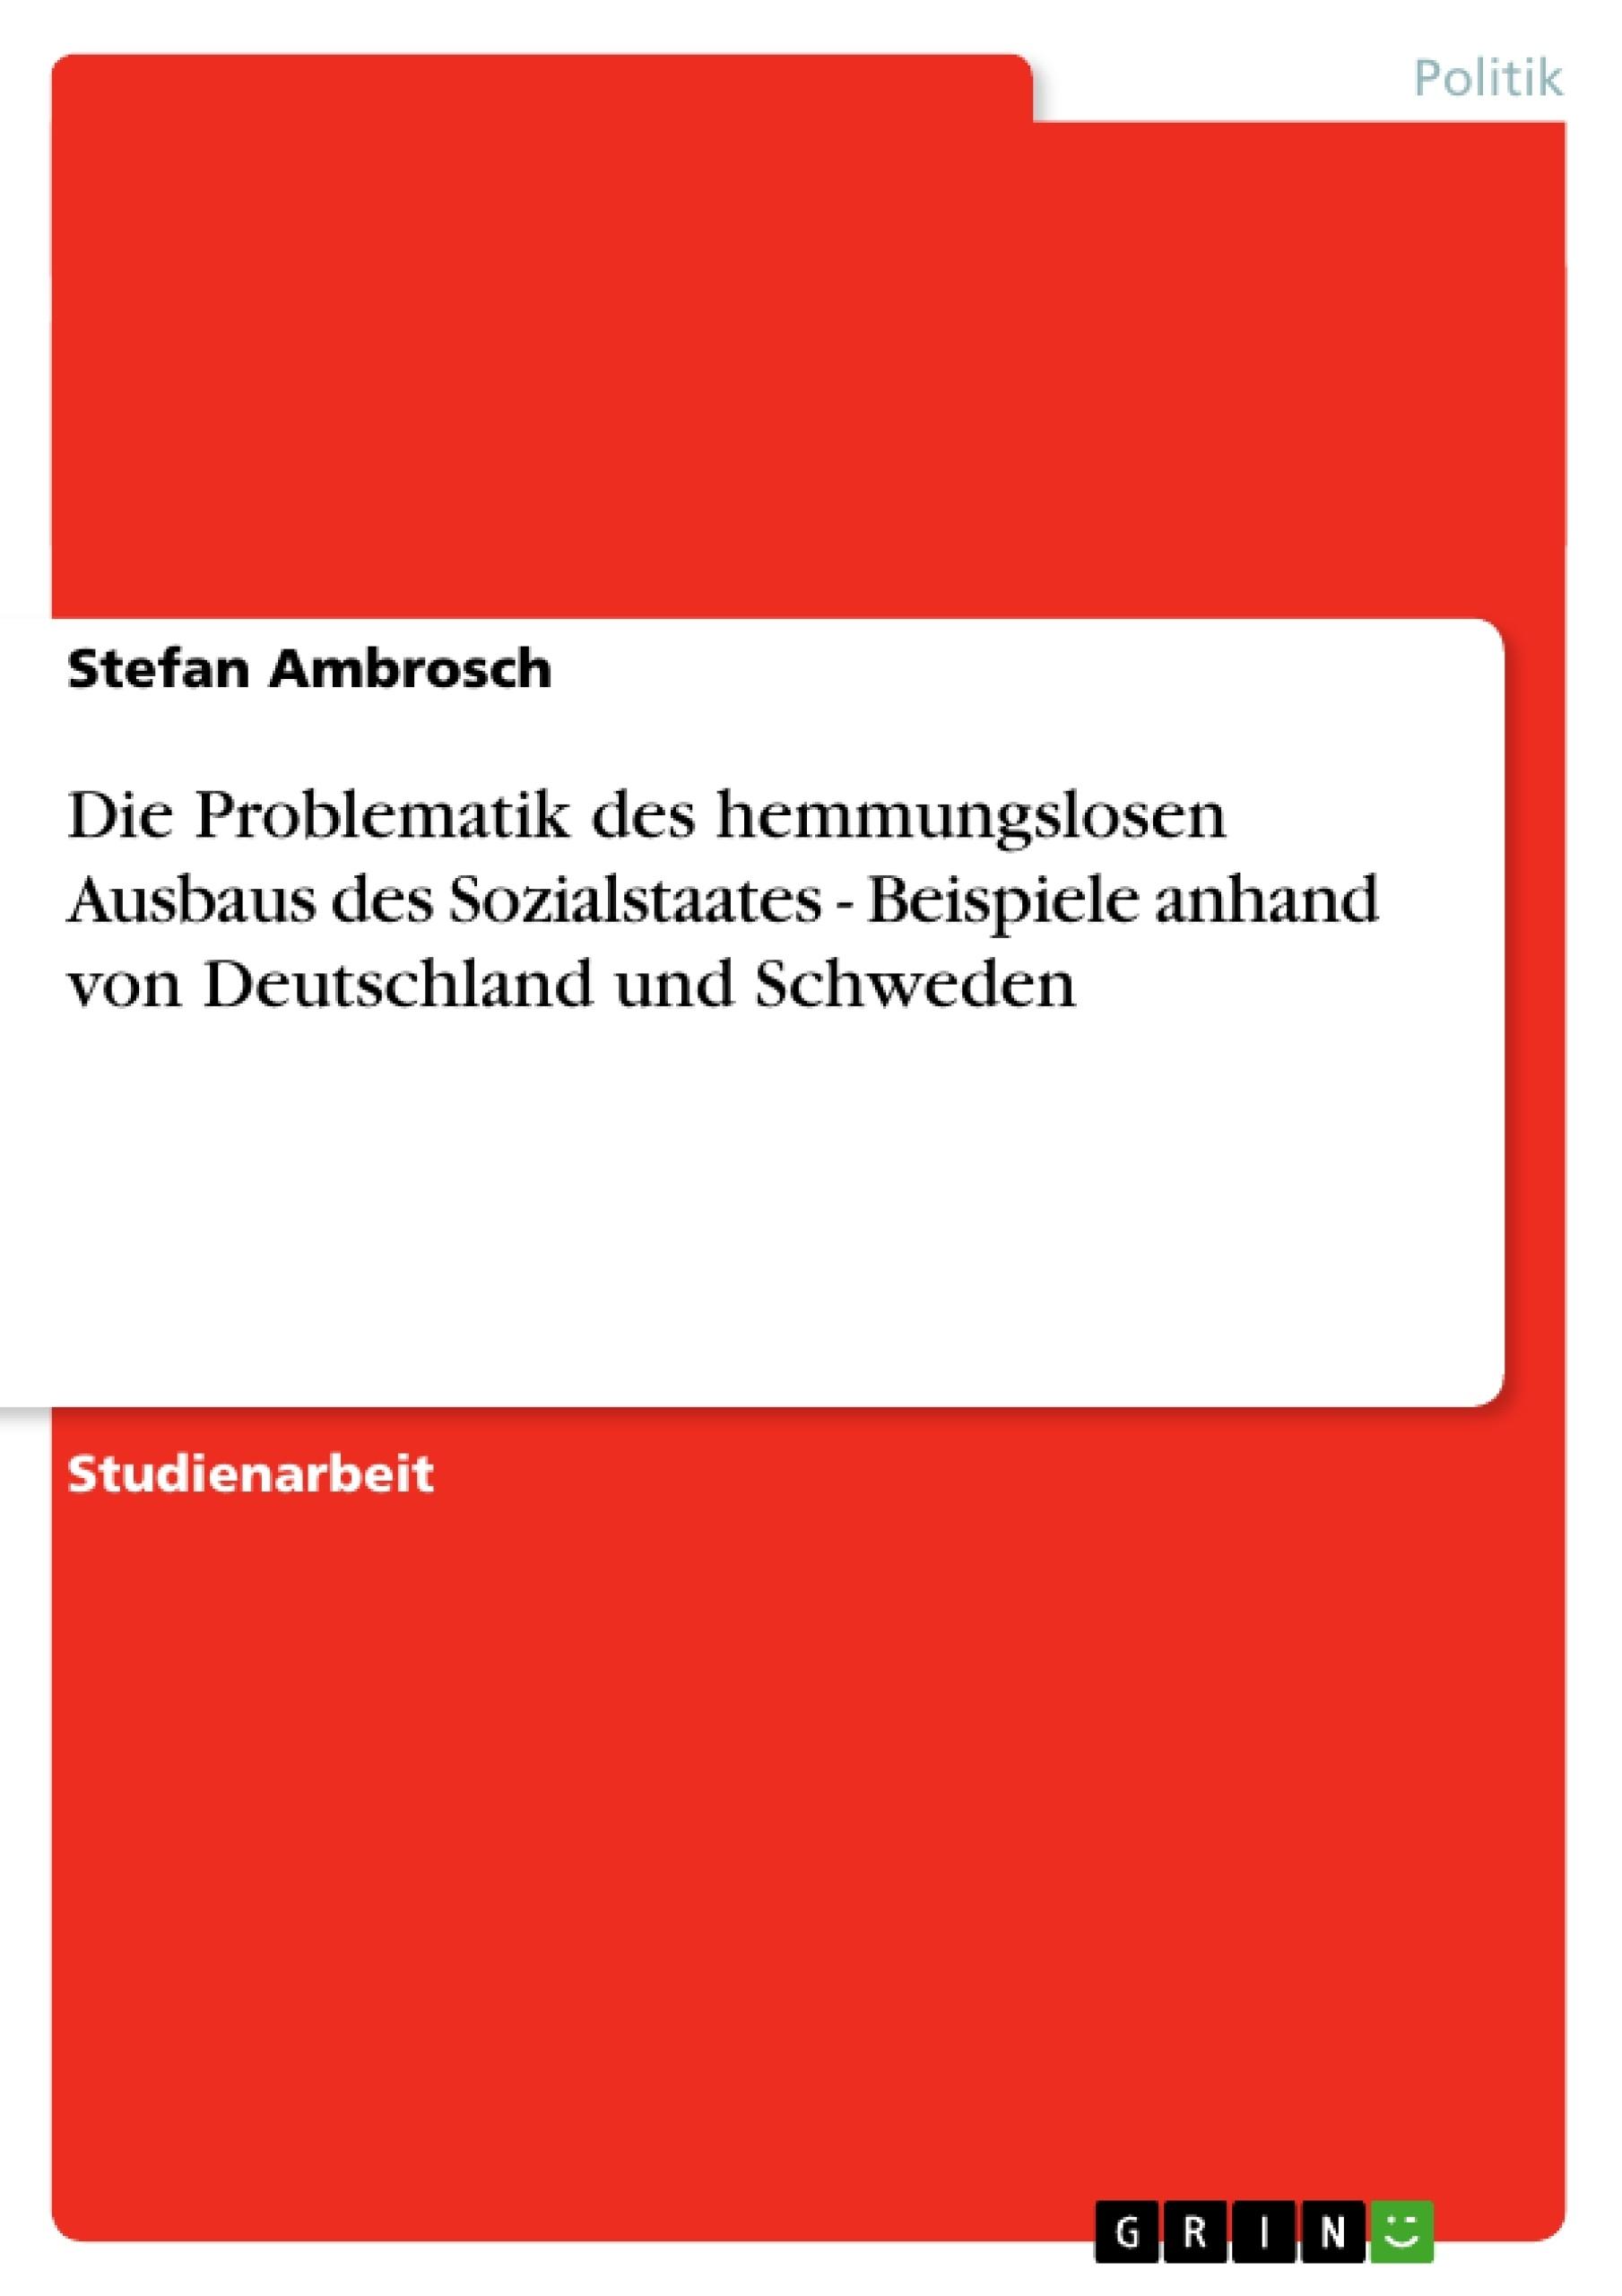 Titel: Die Problematik des hemmungslosen Ausbaus des Sozialstaates - Beispiele anhand von Deutschland und Schweden